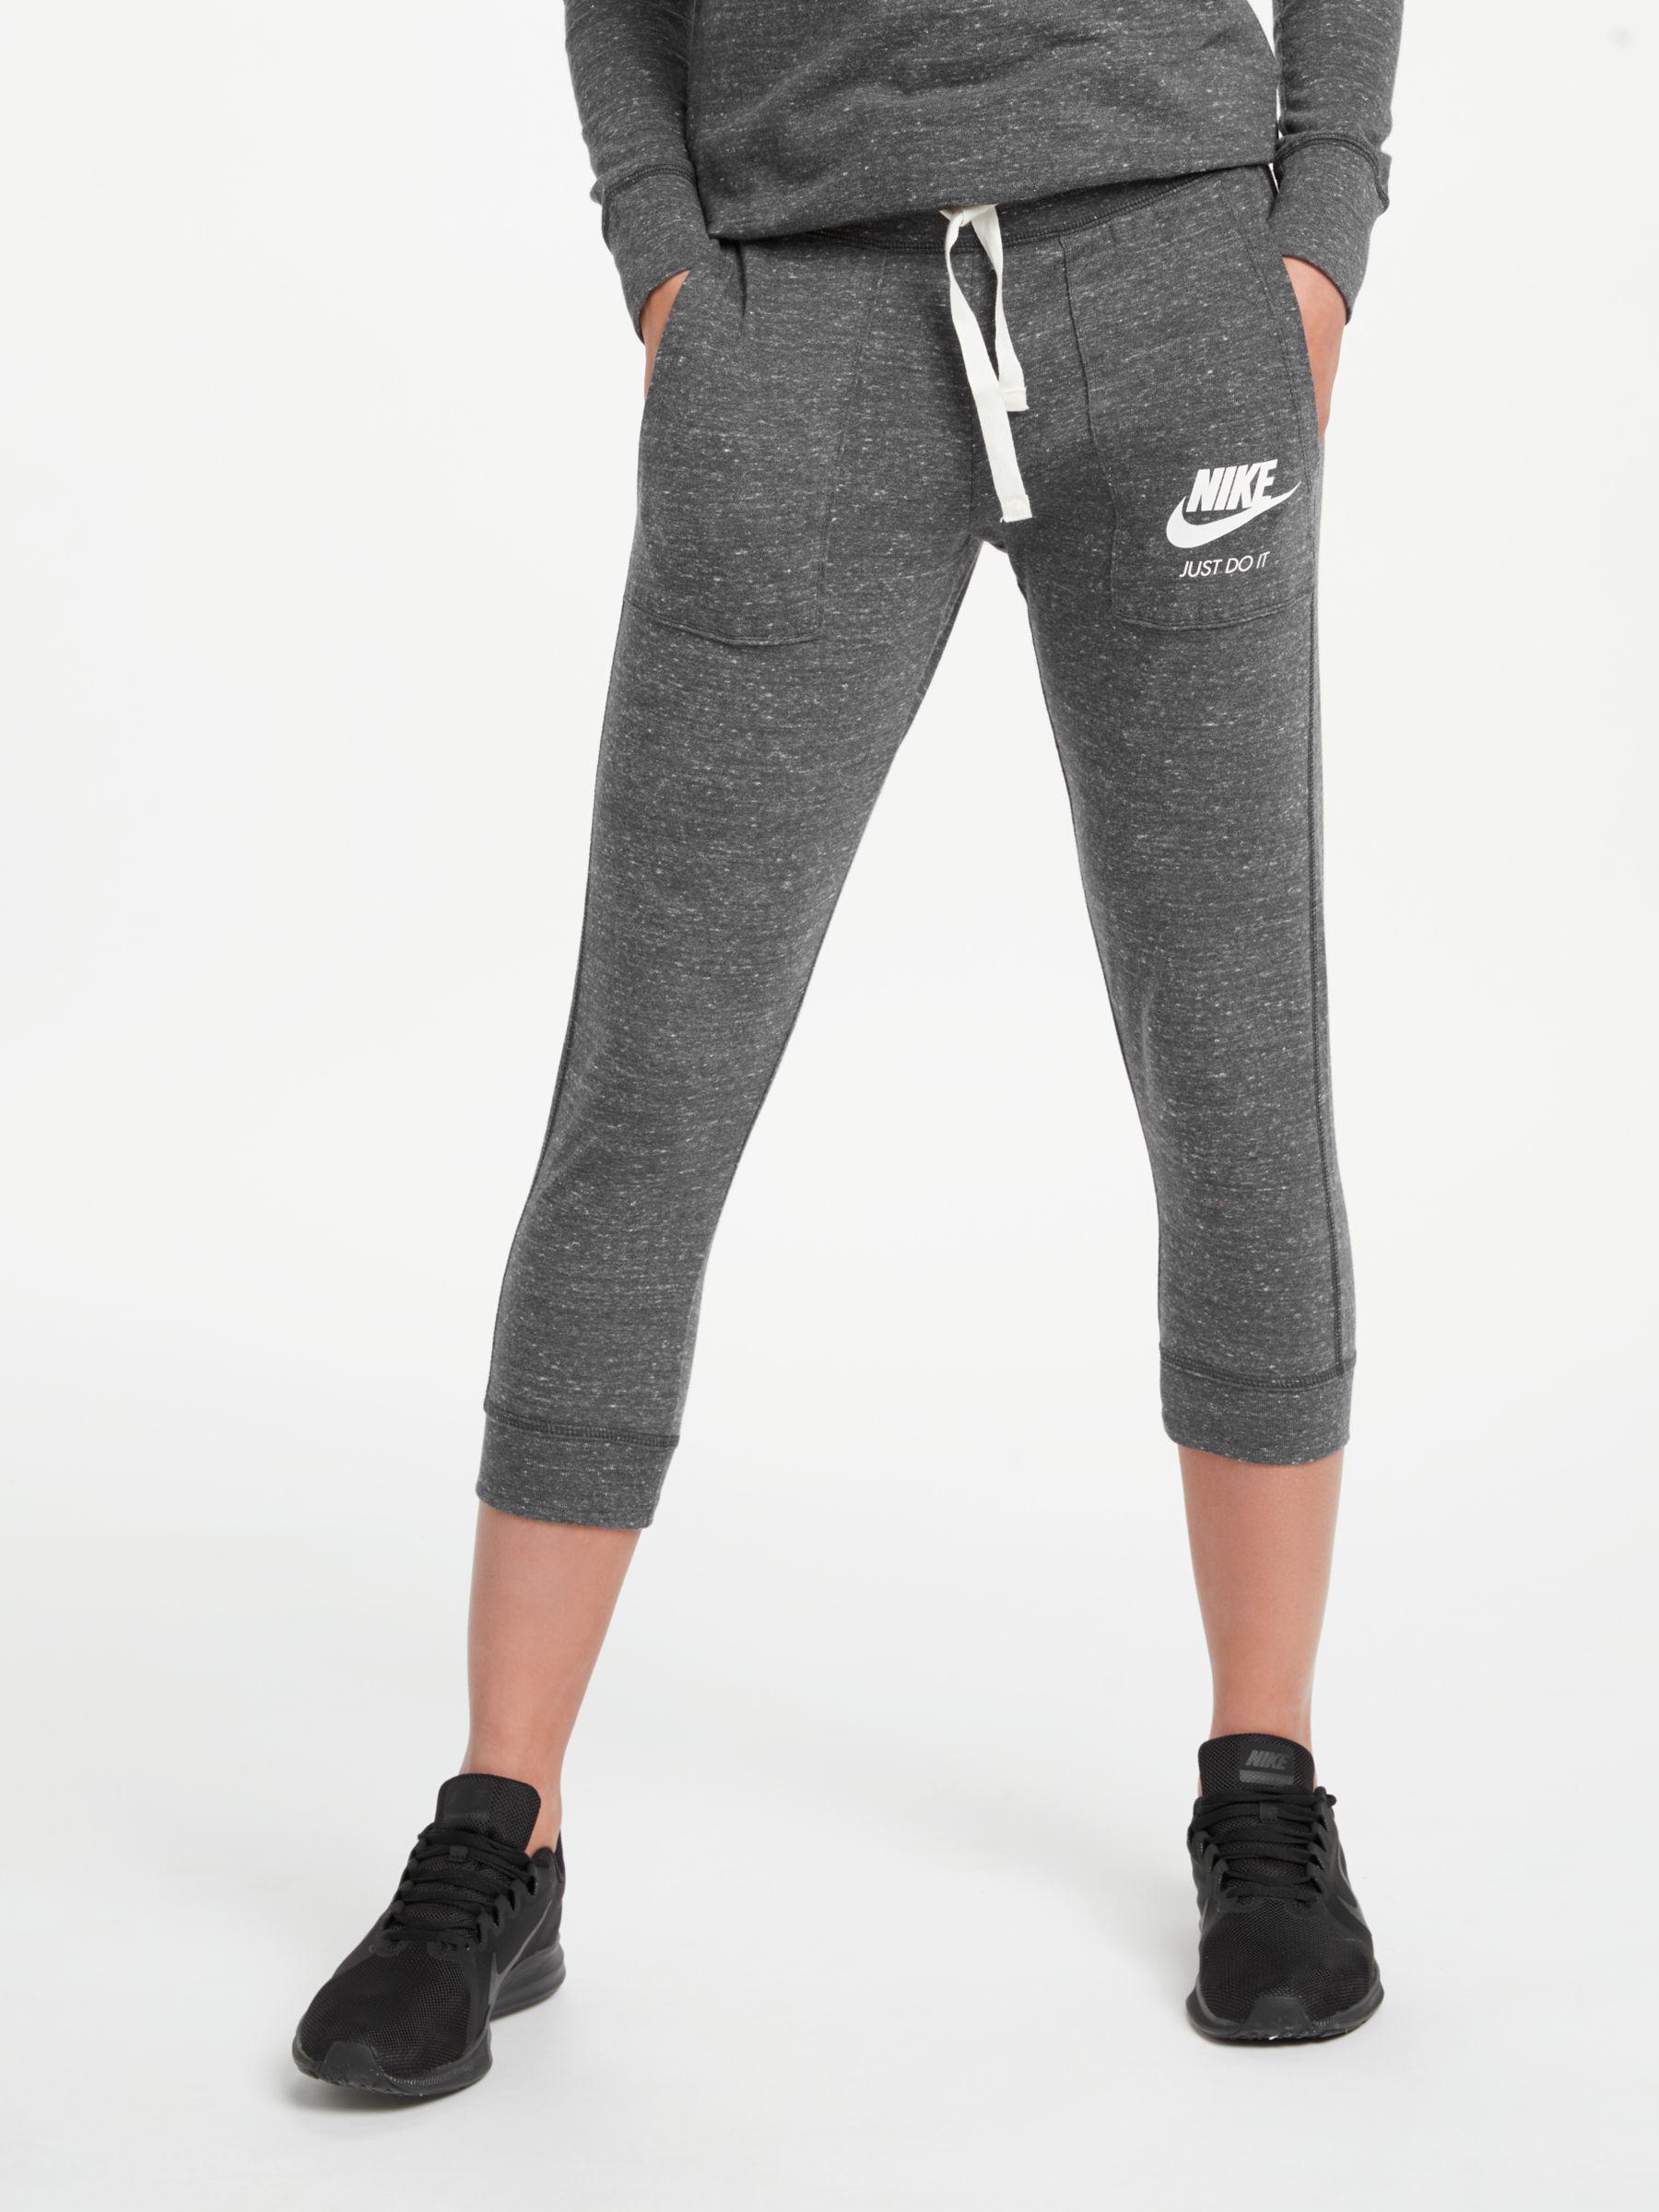 Nike Sportswear Vintage Capris in Gray - Lyst 7a2479e9e2863